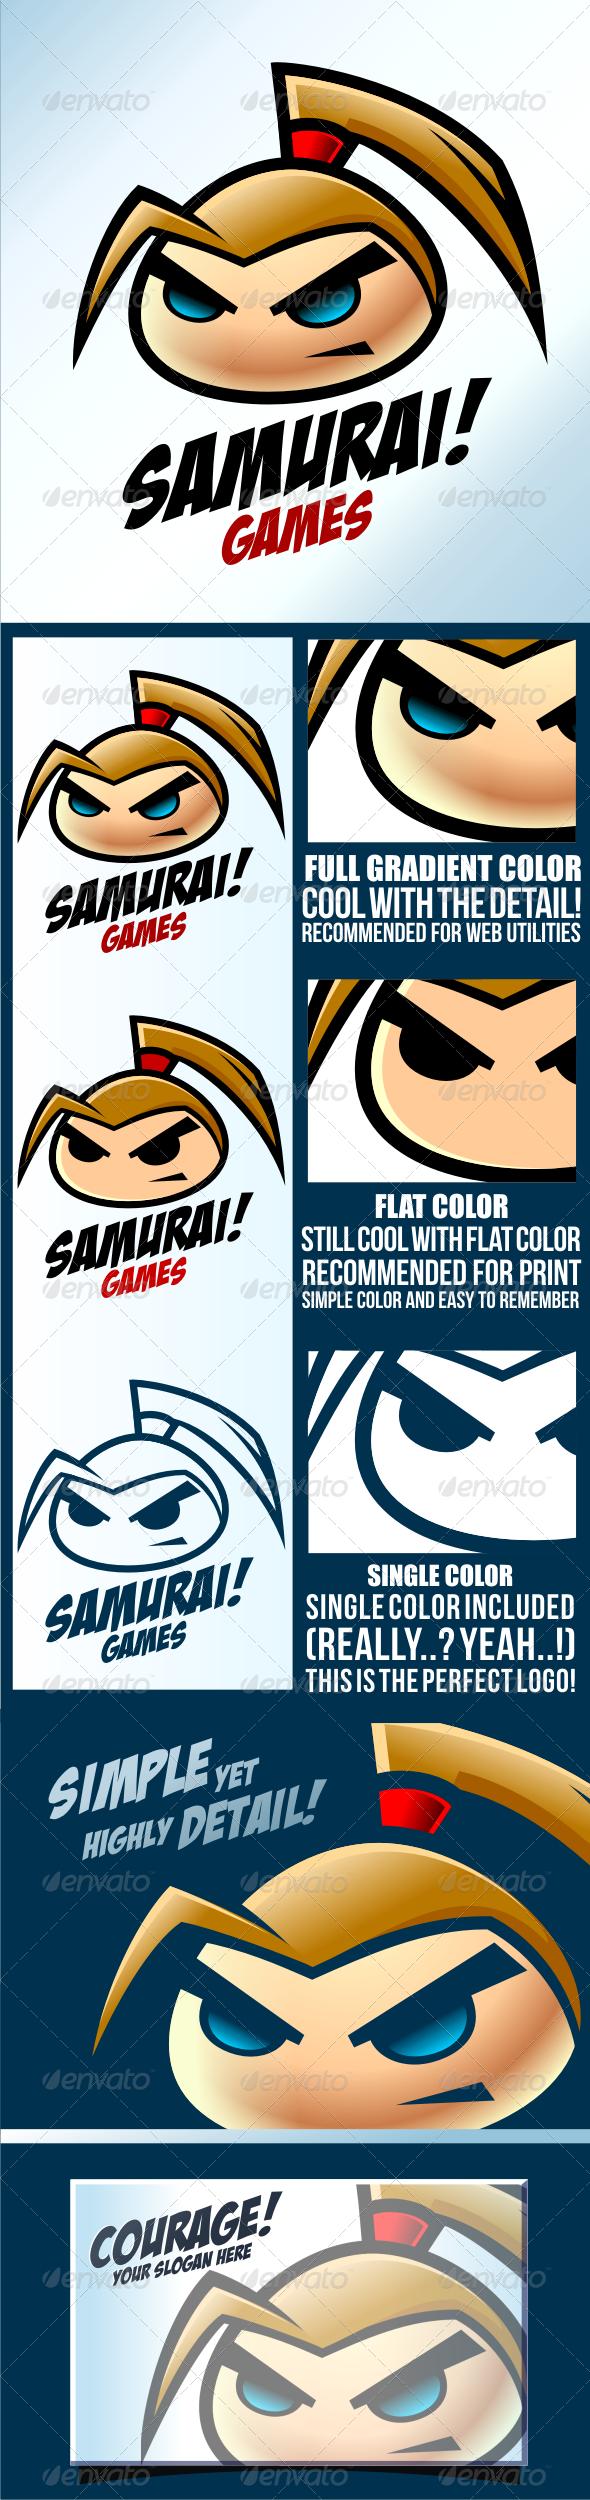 GraphicRiver Samurai Game 3559312